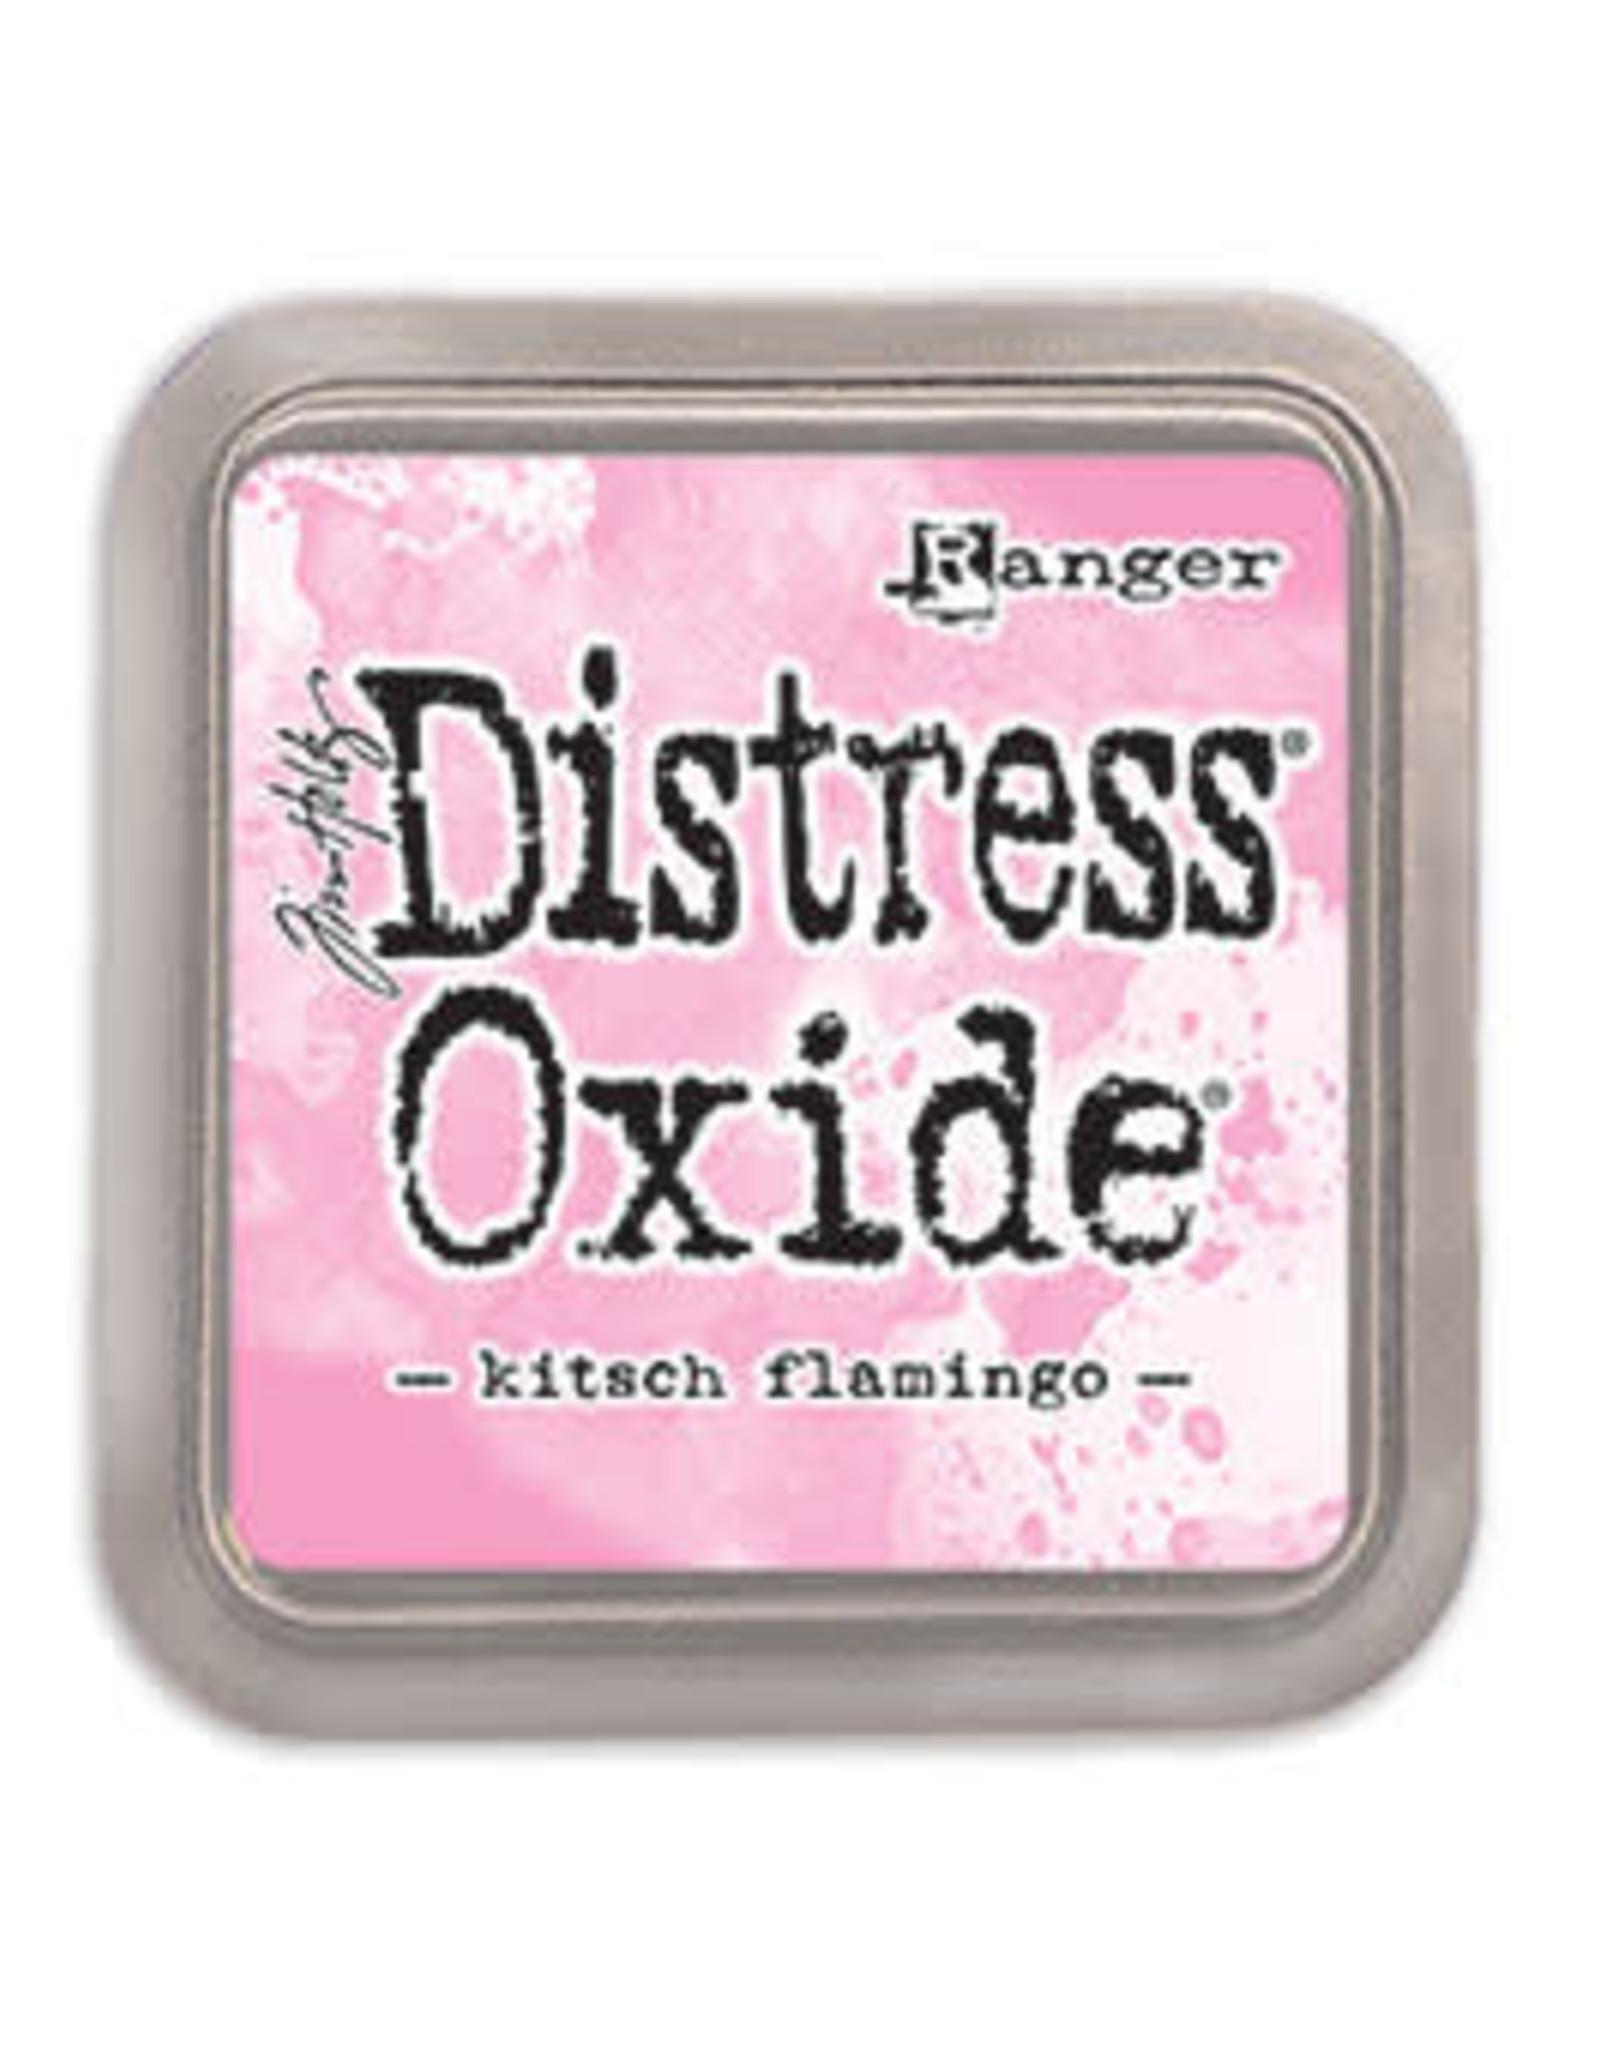 Ranger Ranger Distress Oxide inkt Kitsch Flamingo